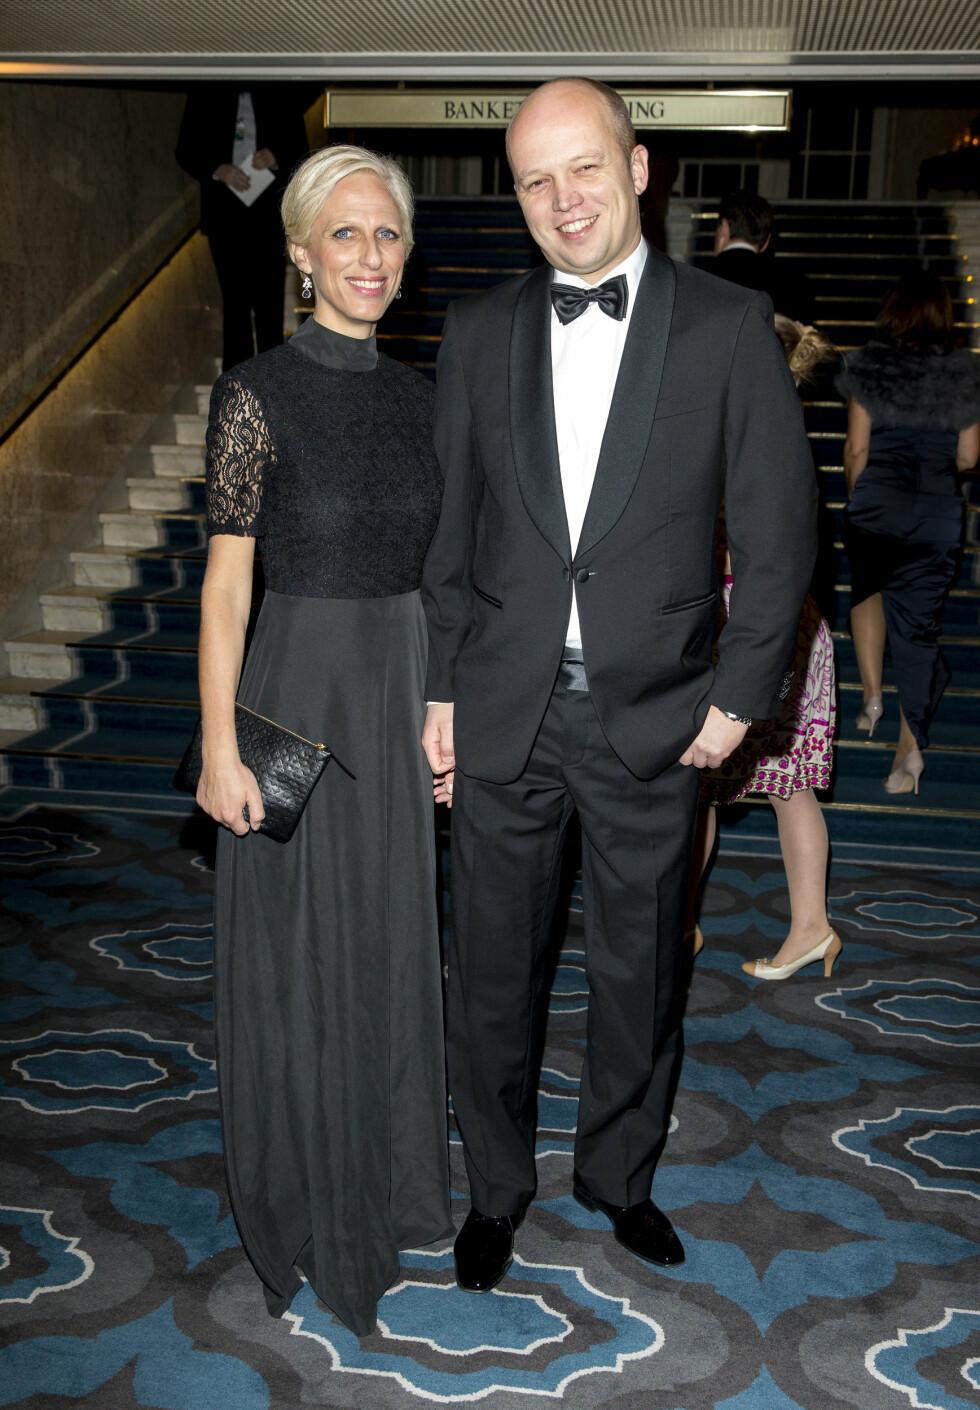 PÅ NOBELBANKETT: Senterpartiets leder Trygve Slagsvold Vedum og kona Margrethe. Foto: Andreas Fadum